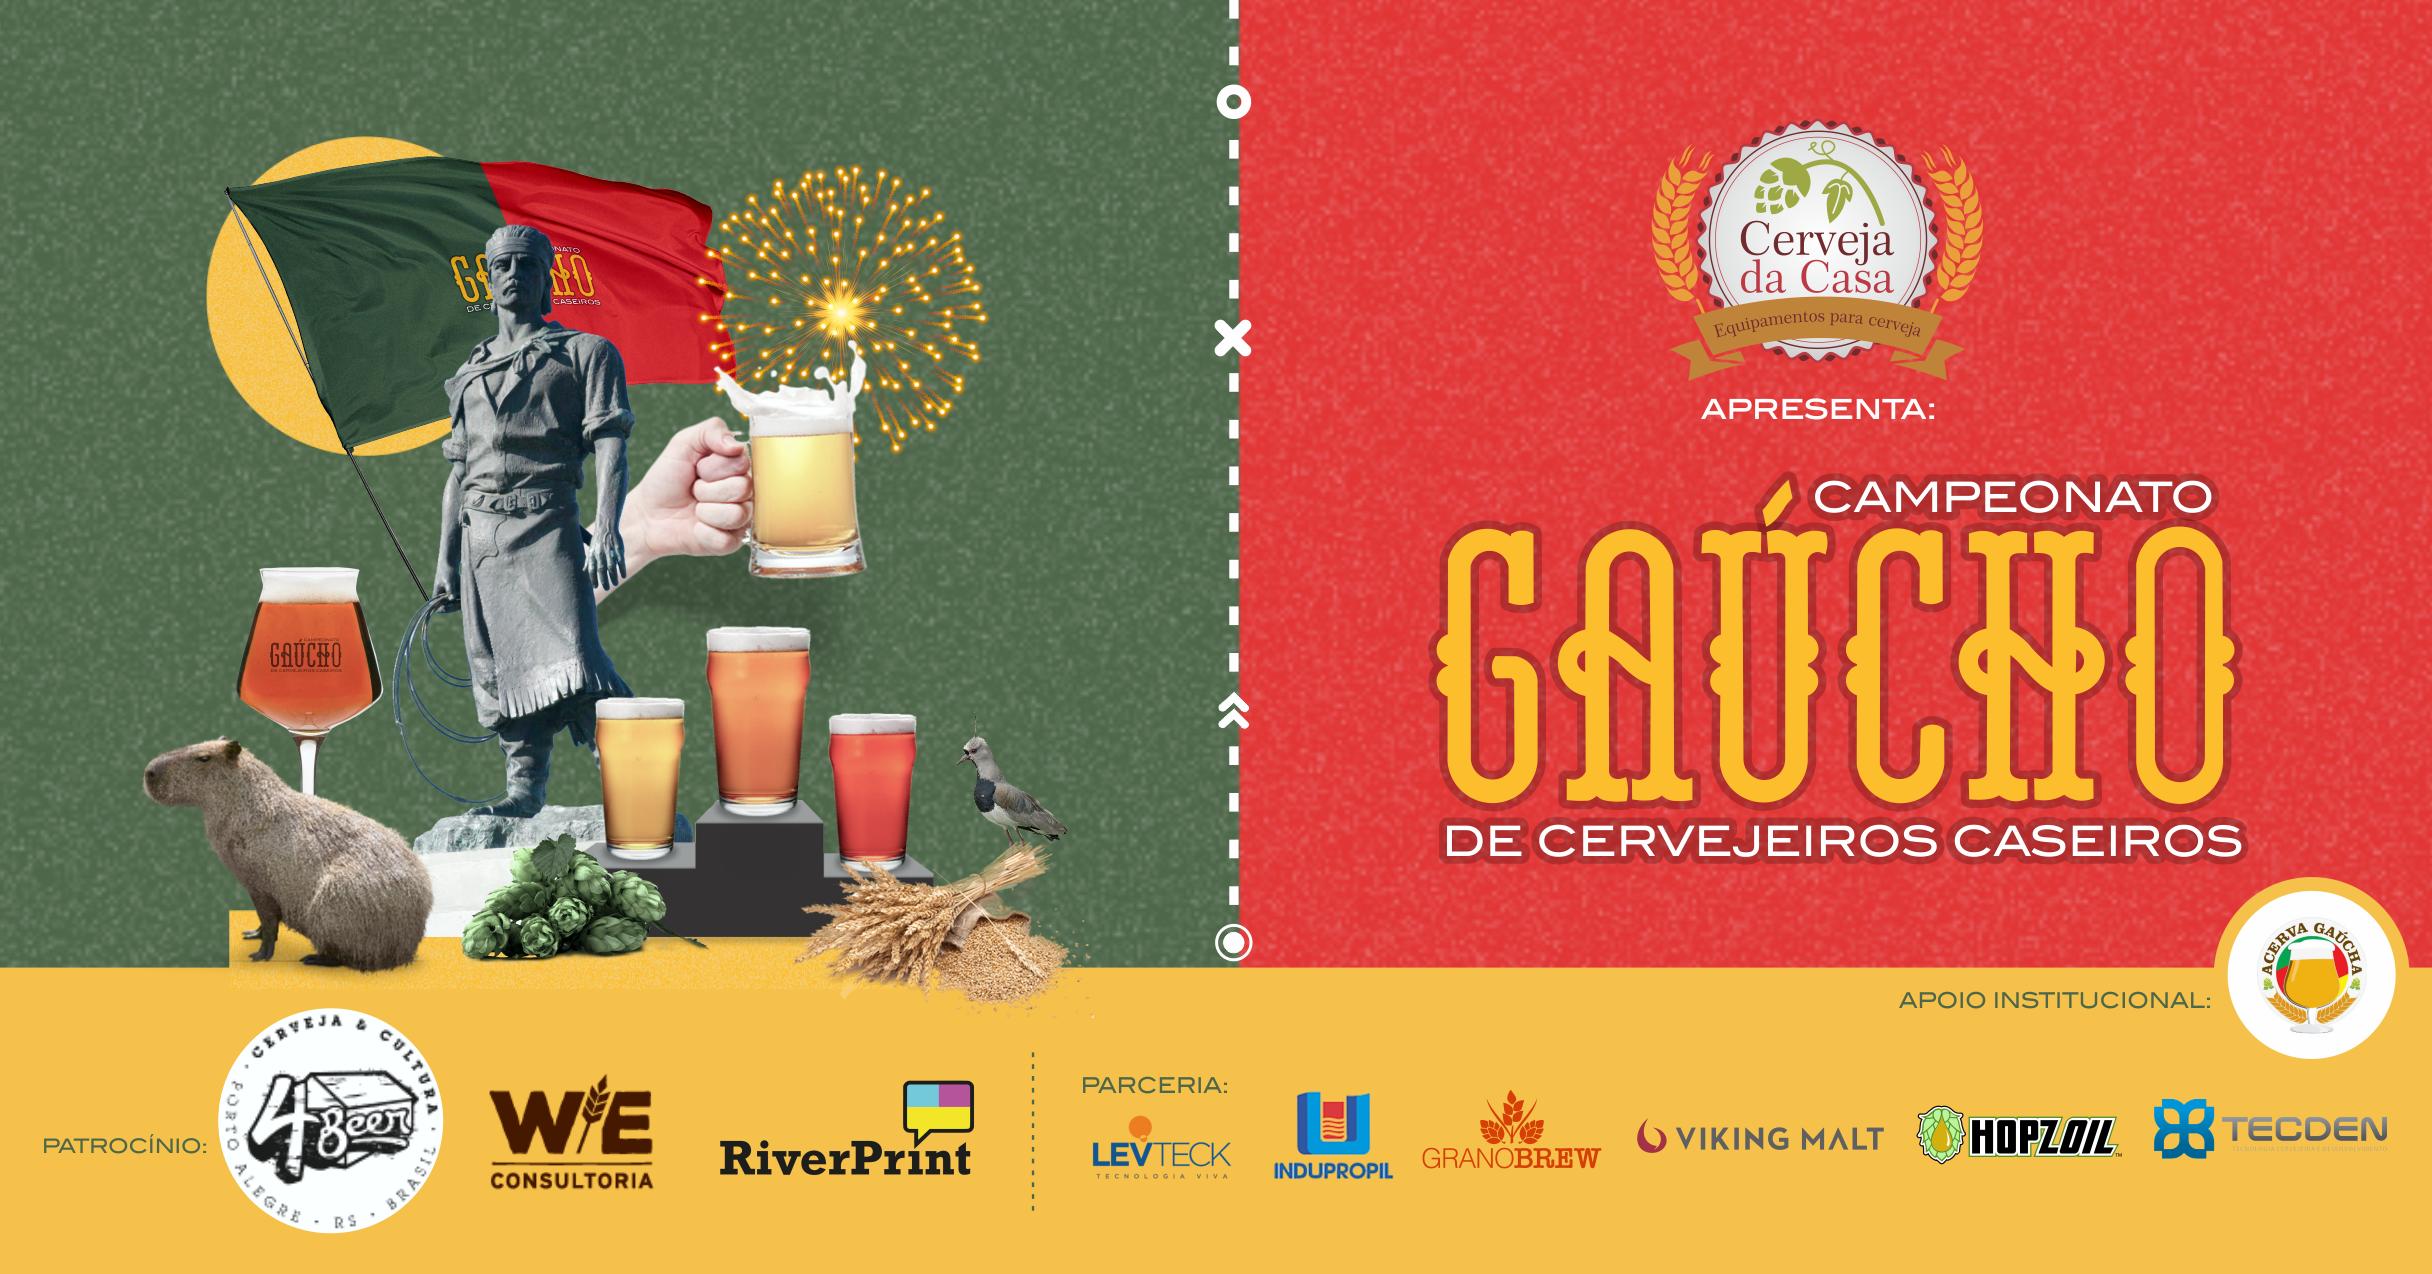 Campeonato Gaúcho de Cervejeiros Caseiros